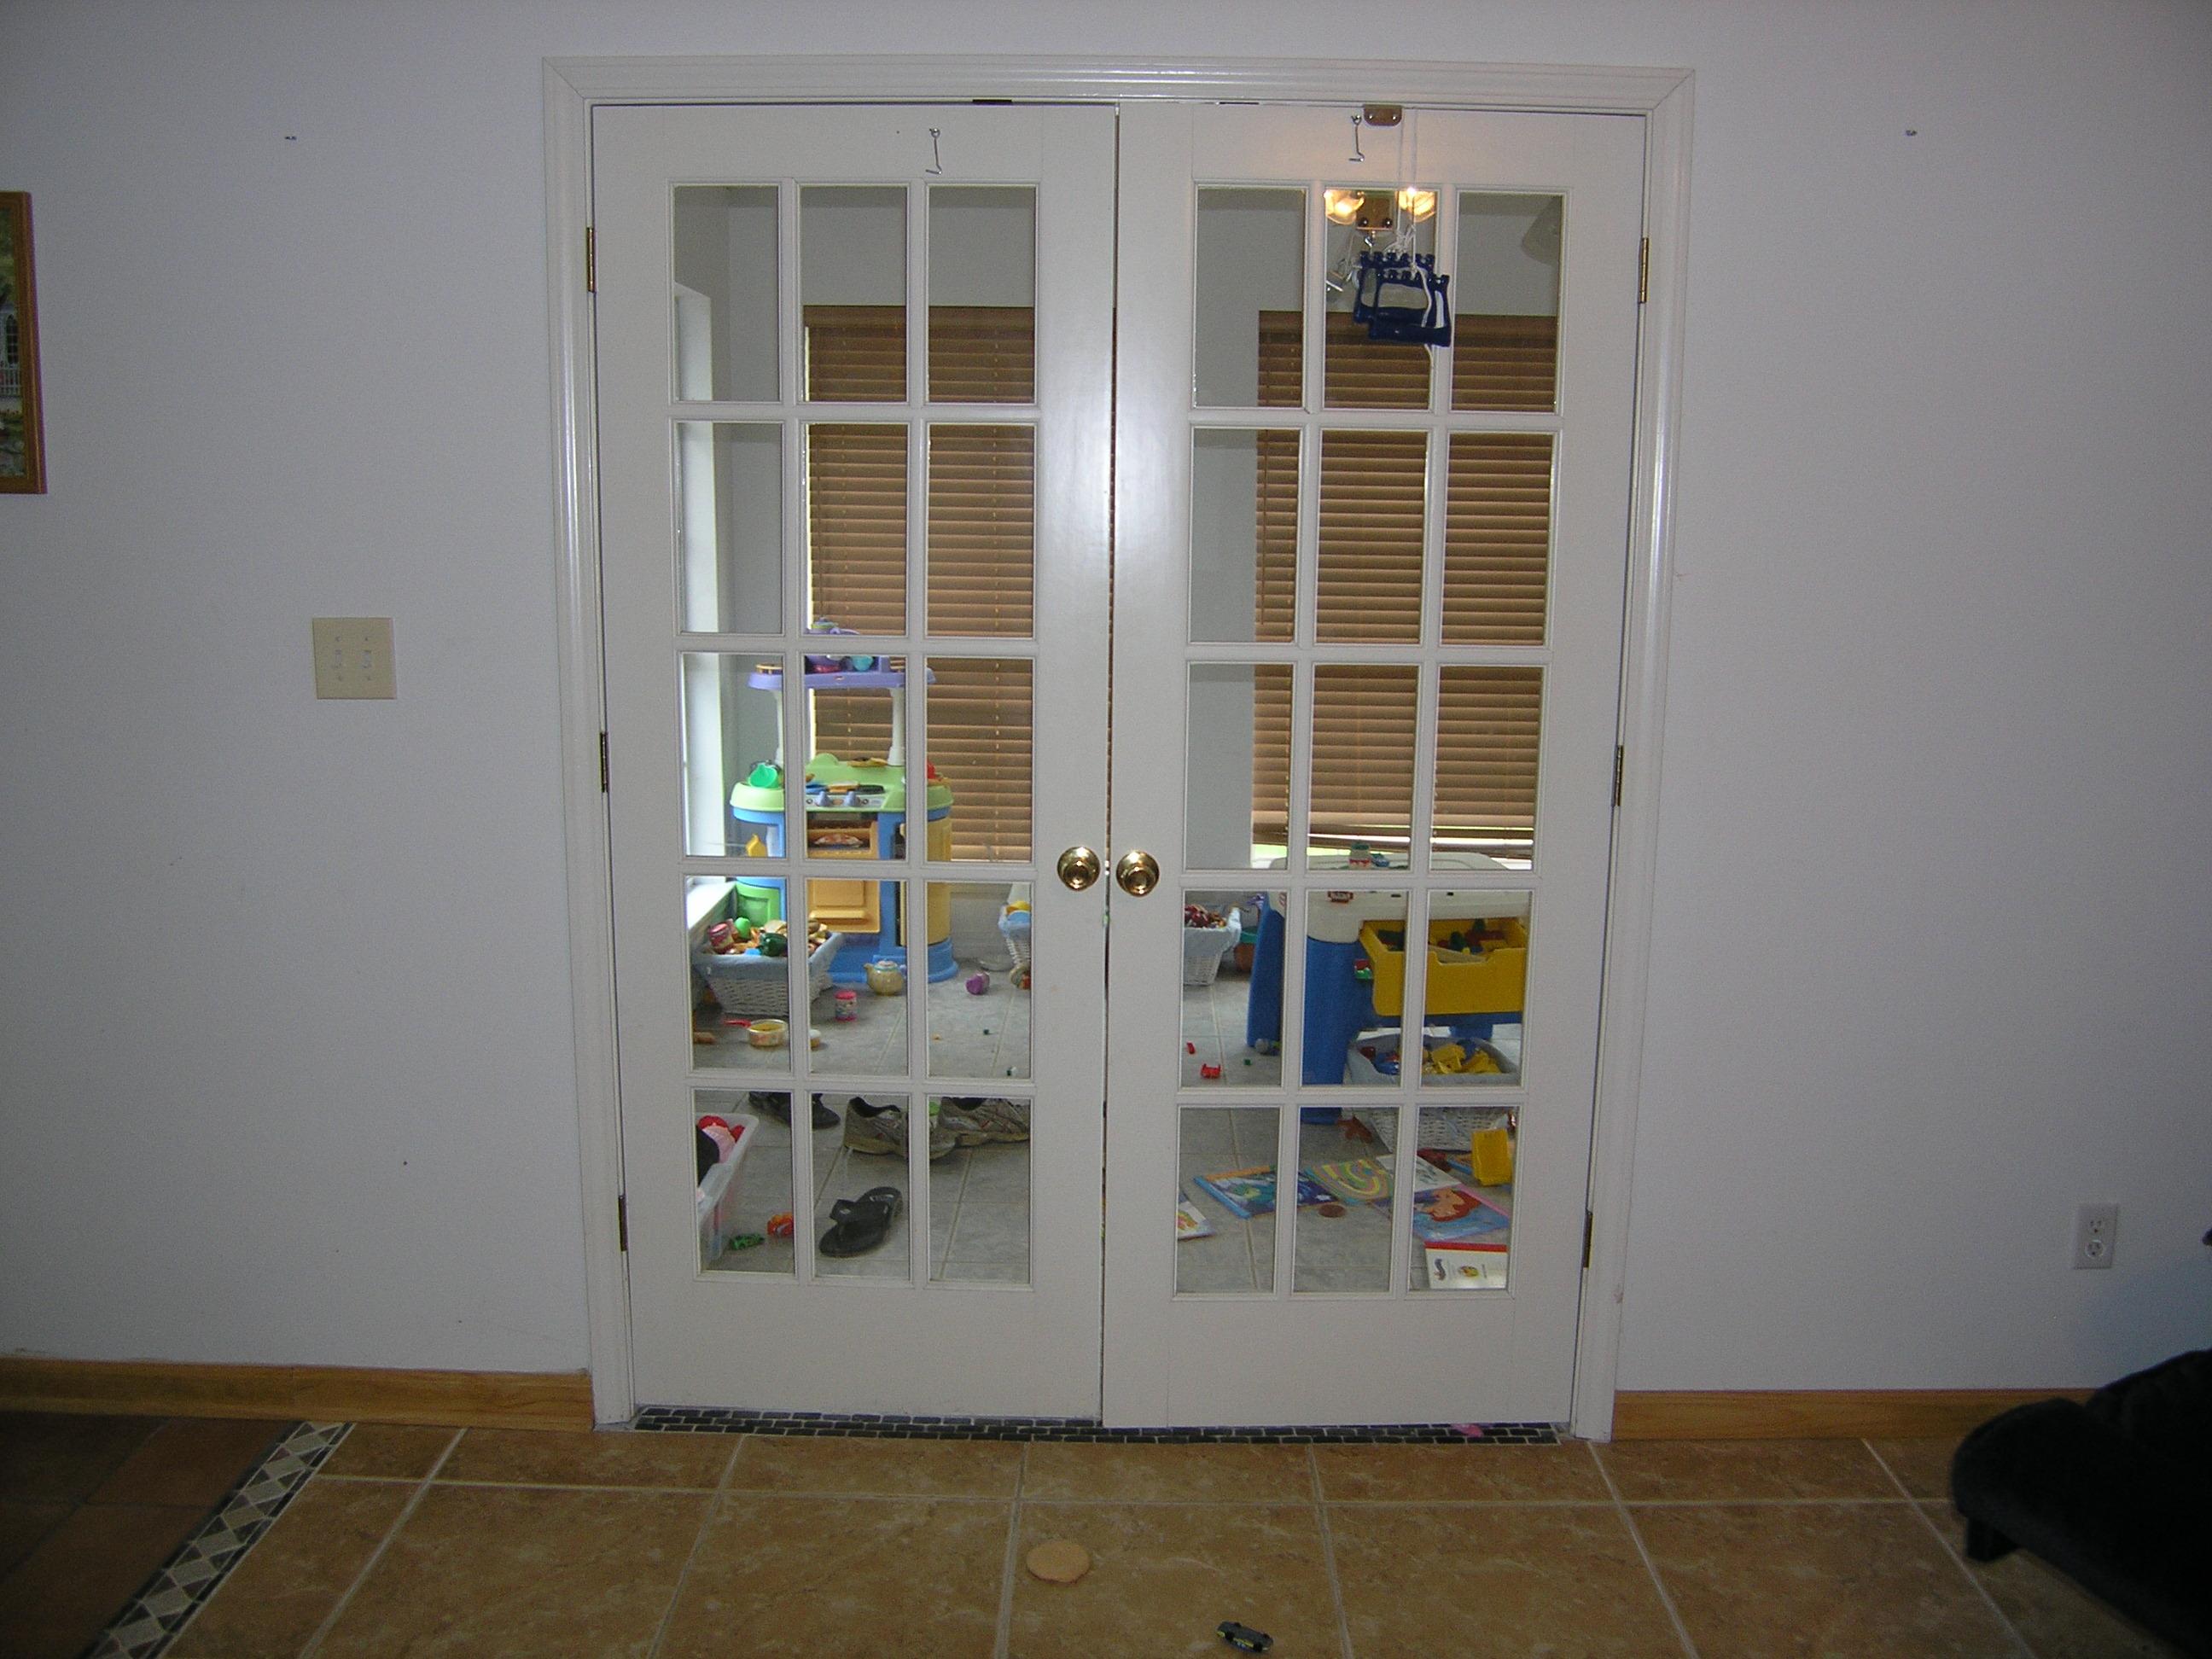 Doors & Windows - Interior Doors - Double Prehung Doors - at The